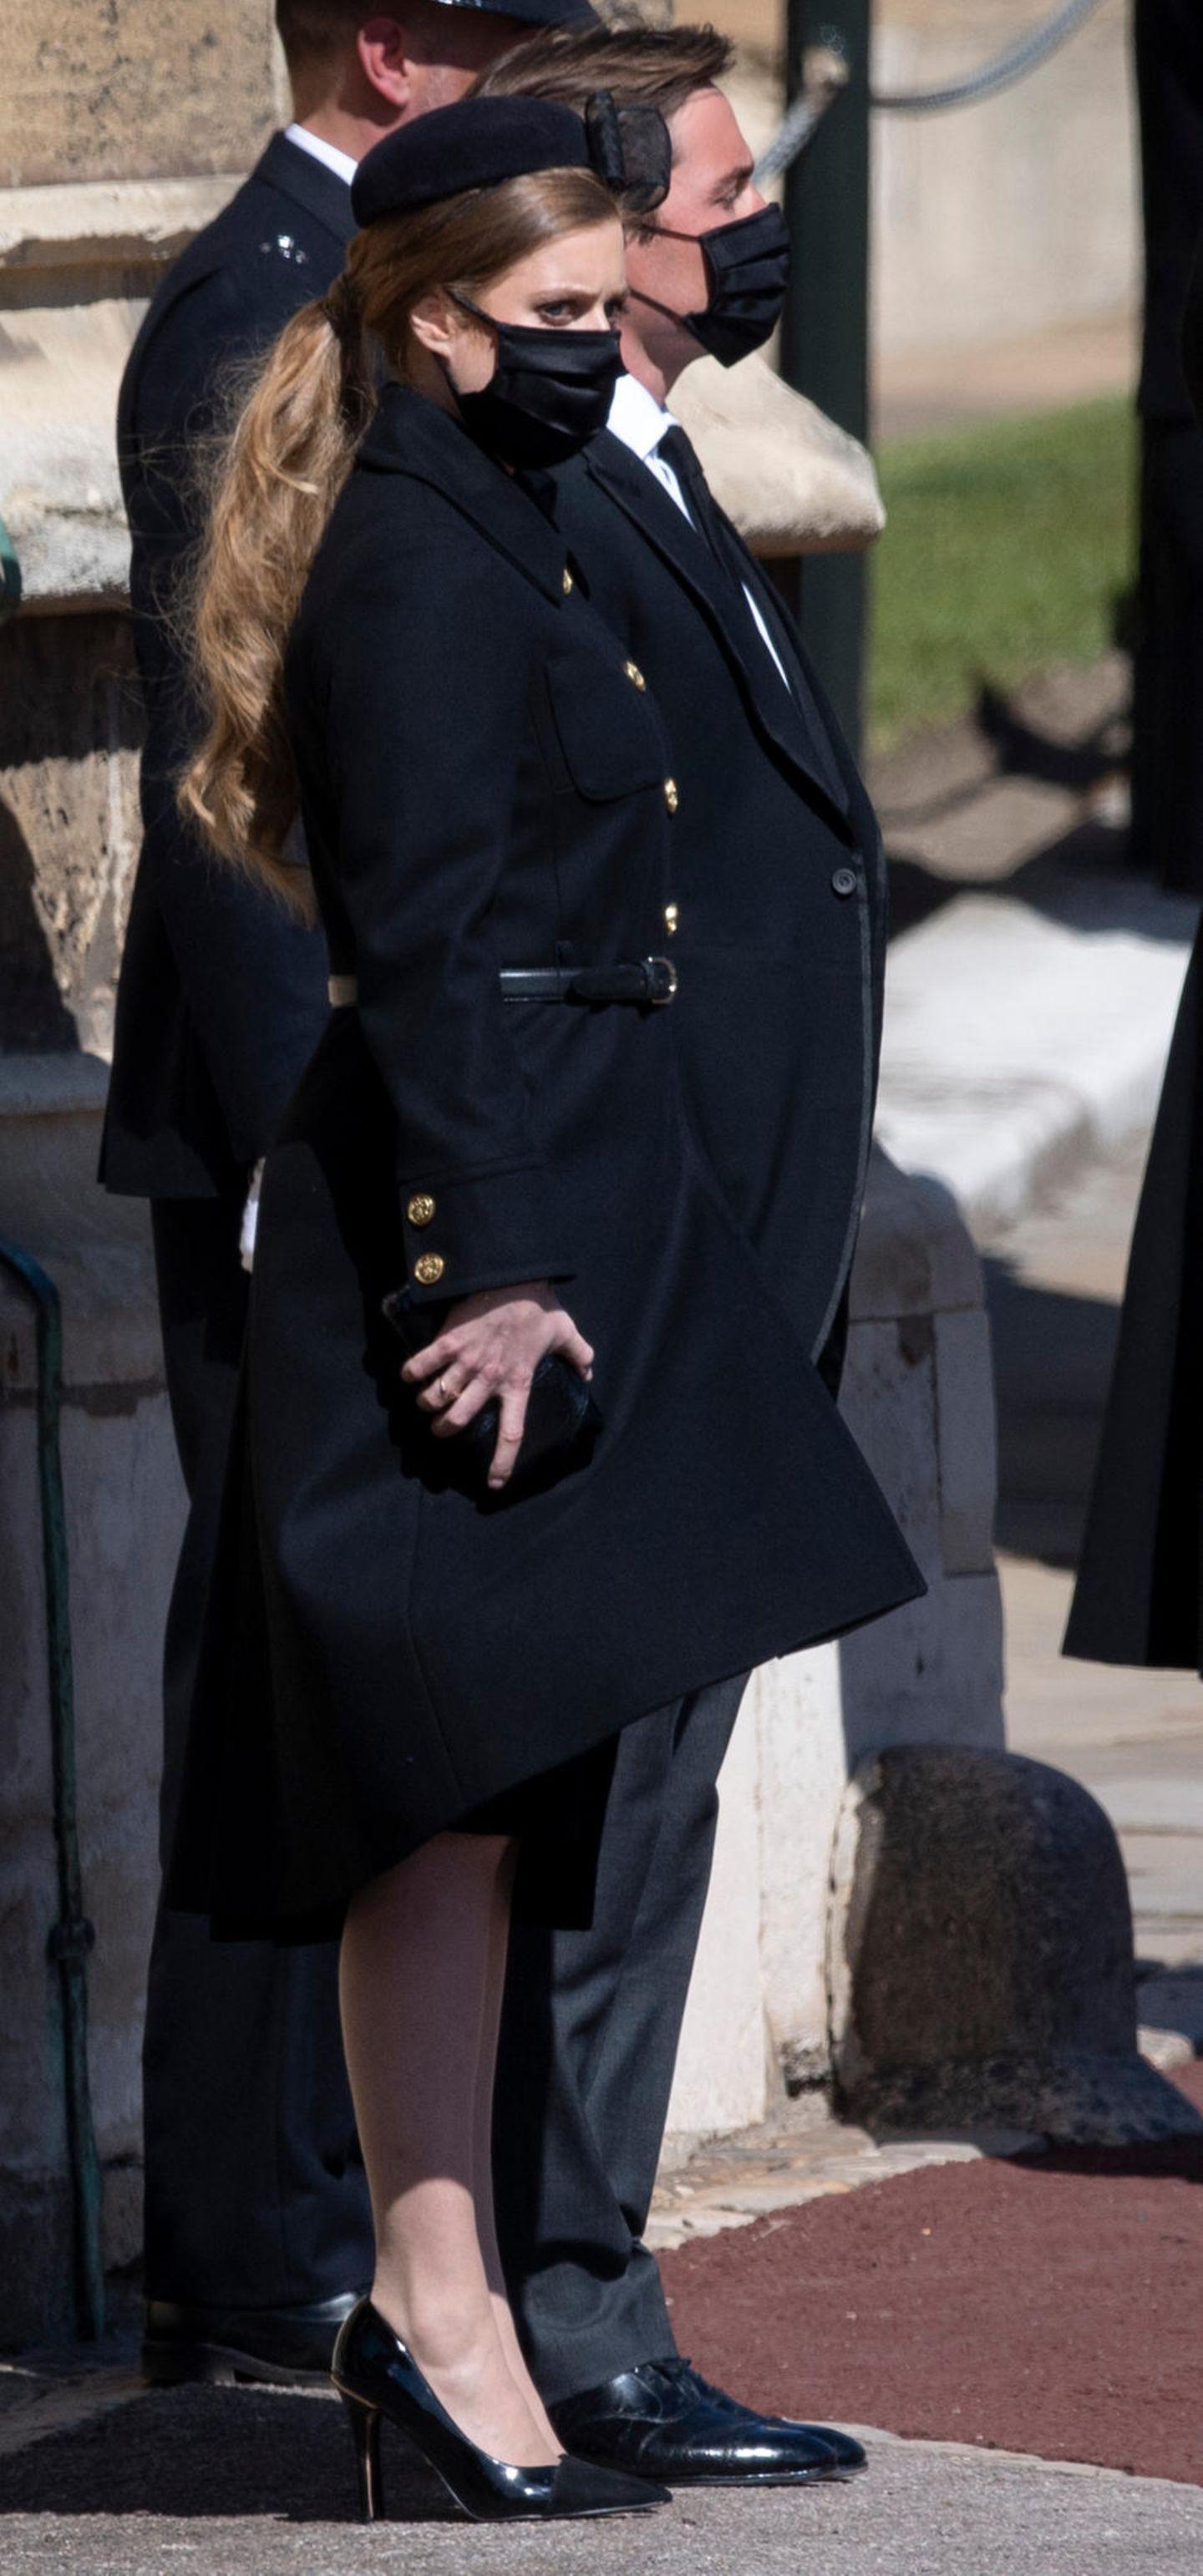 Für dieTrauerfeier ihresverstorbenen Großvaters Prinz Philip (†99) setzt Prinzessin Beatrice auf einelegantes Outfit. Das eigentliche Highlight ihres Looks ist aber der tief gebundenePferdeschwanz, der deutlich zeigt,dass die Haare der Royal in den vergangenen Monaten etliche Zentimeter dazugewonnen haben. Ihre rote Mähne reicht Beatrice nun bis zur Taille.